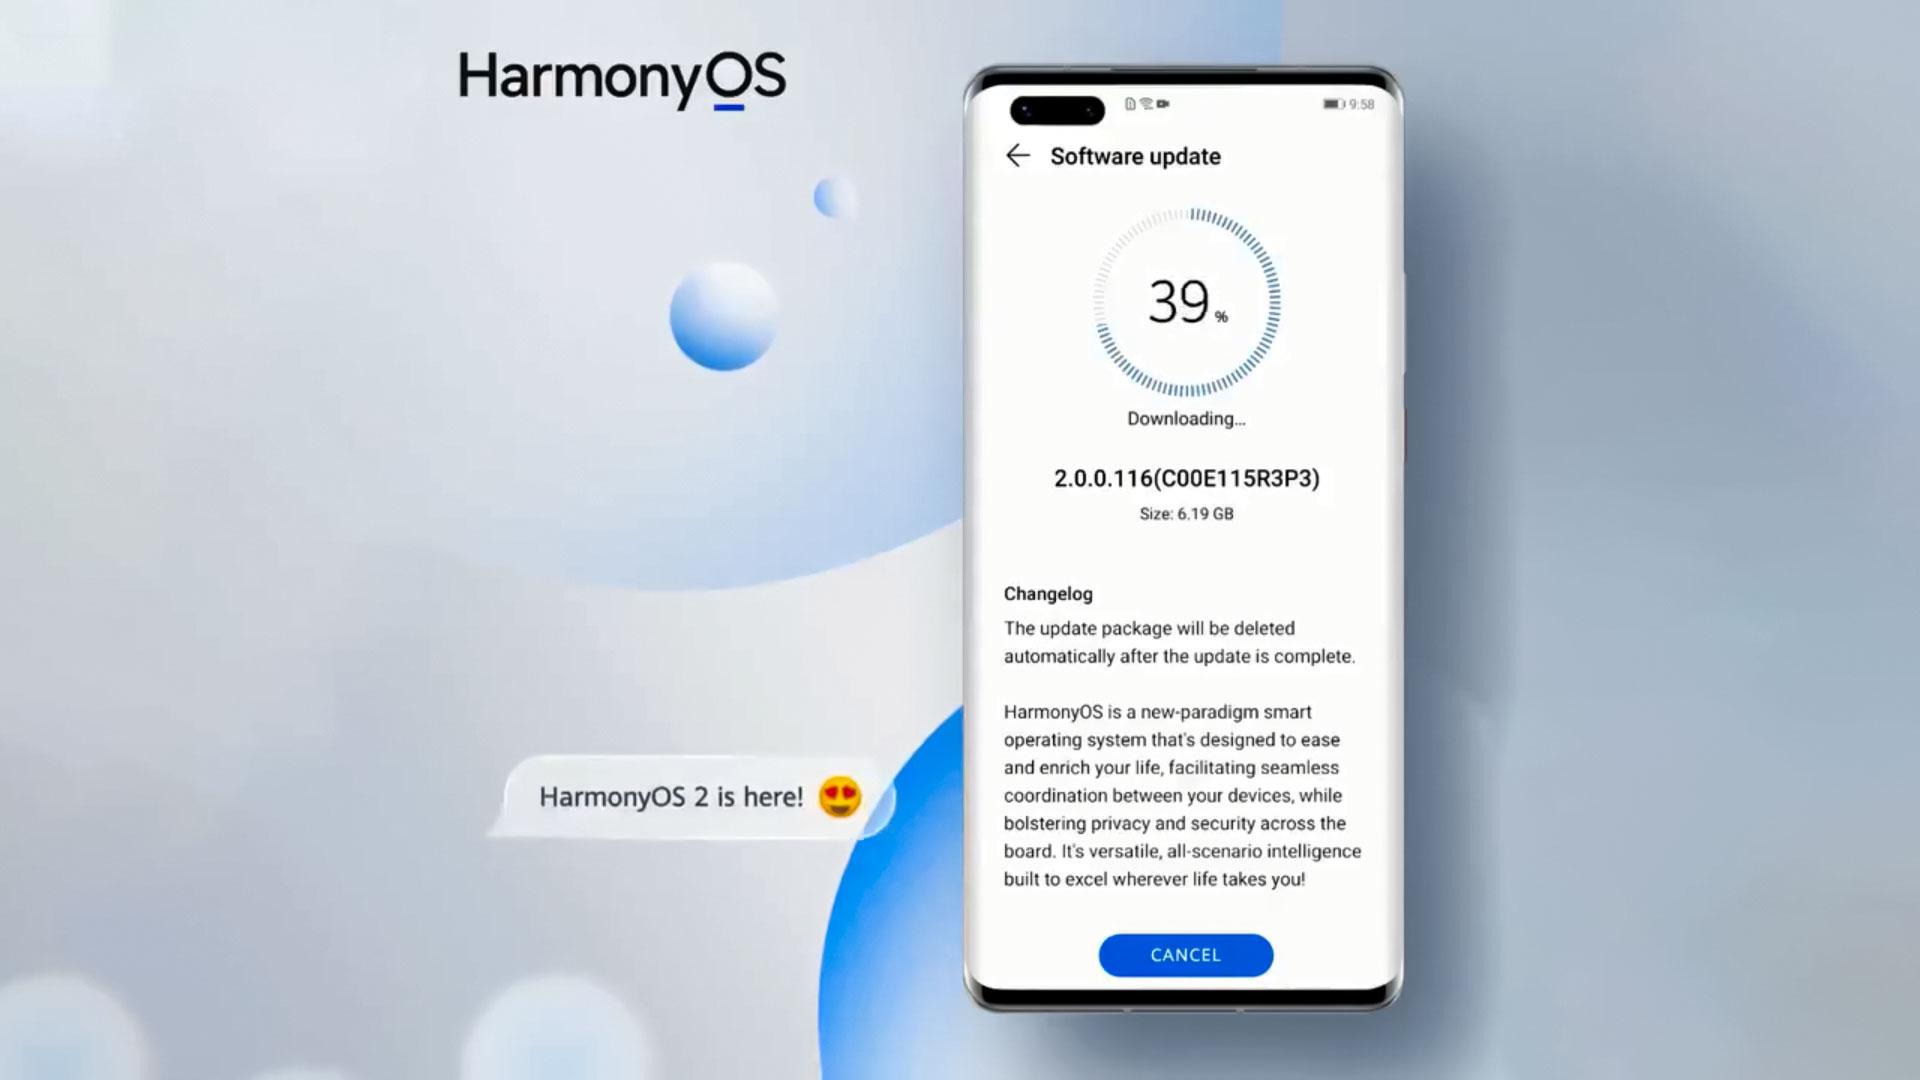 حجم آپدیت HarmonyOS